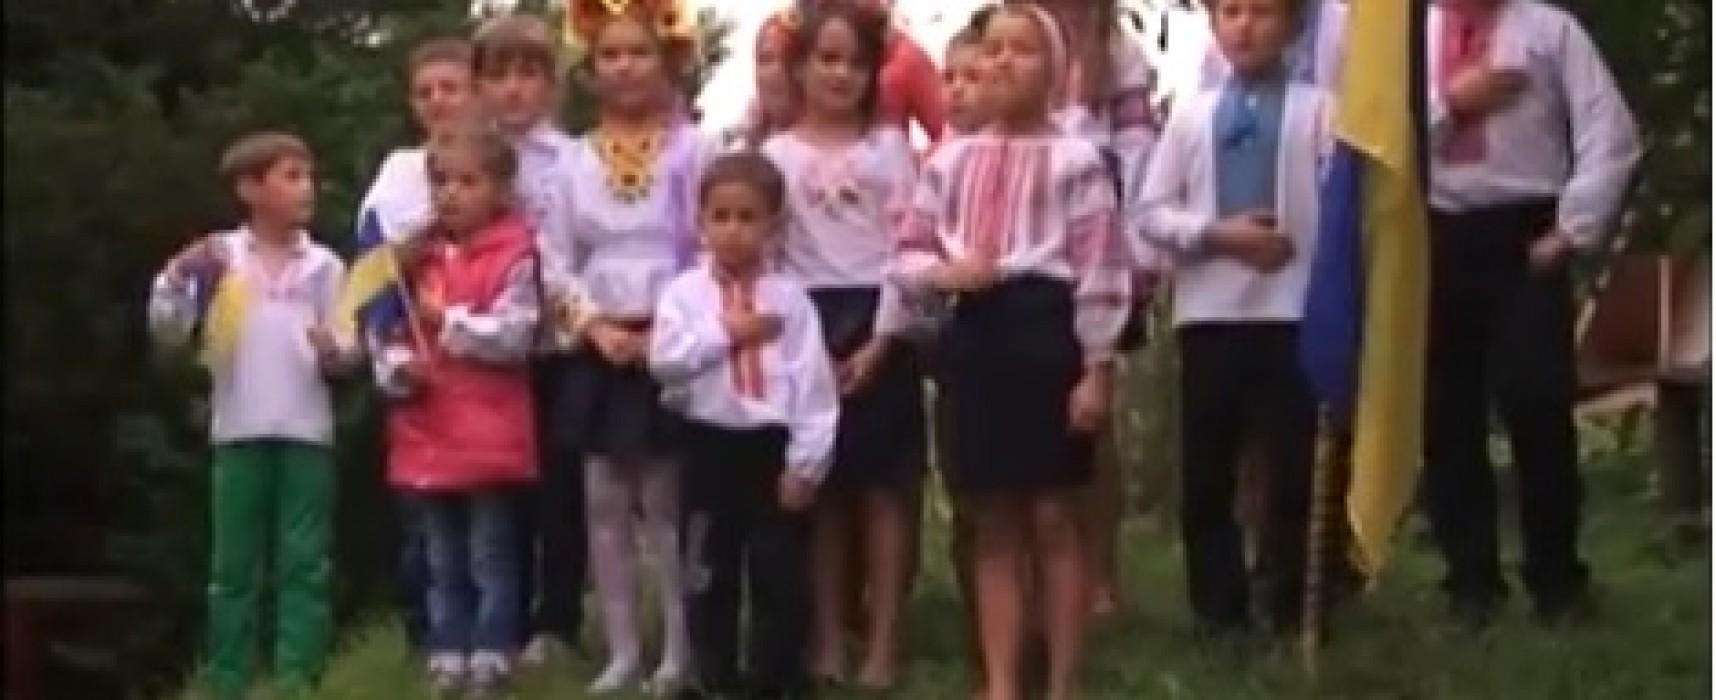 Фейк: в Прикарпатье создали детский боевой батальон